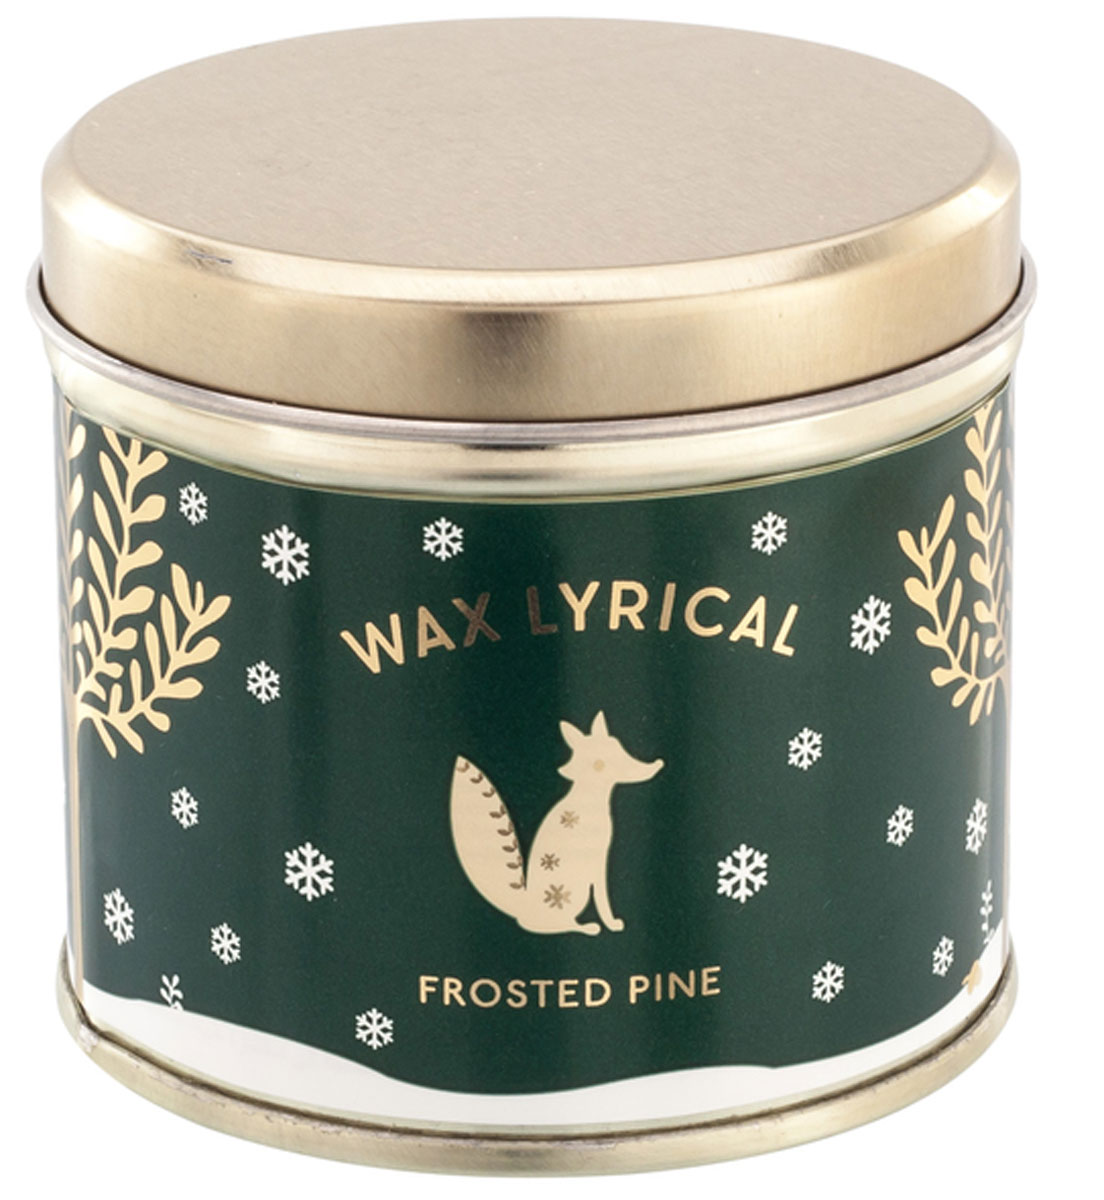 Свеча ароматизированная Wax Lyrical Зимняя сосна, 220 гCHR2024Свеча ароматизированная Wax Lyrical Зимняя сосна имеет глубокий аромат зимней хвои. Он переносит в атмосферу леса, окутанного тихой морозной ночью, которая наполняет воздух древесными нотами с прохладными зелеными аккордами.